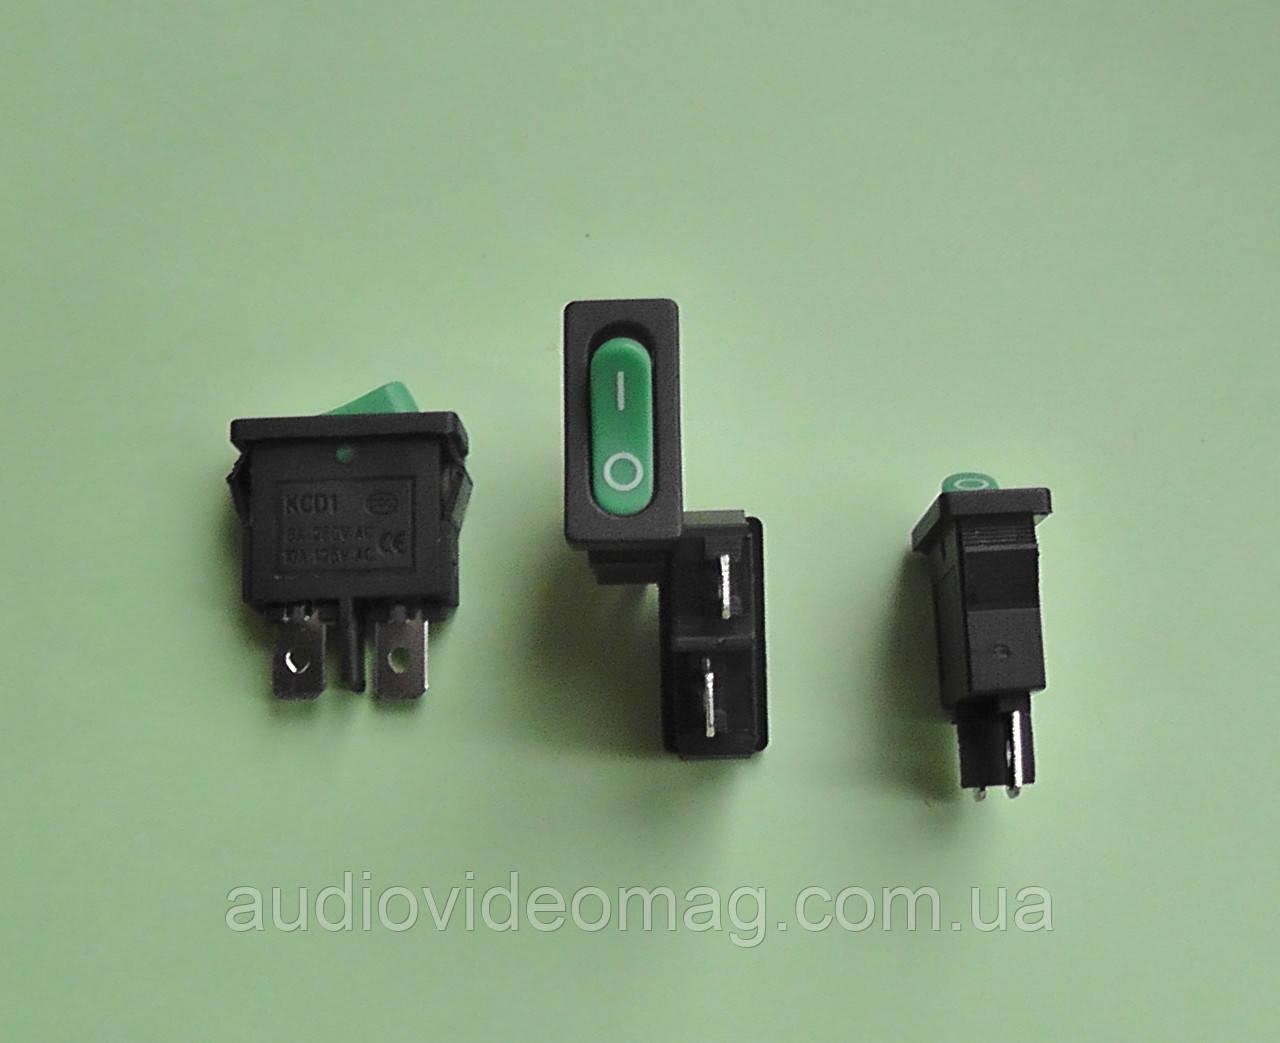 Кнопочный выключатель KCD1 250V 6A, зеленый 18.8 х 6.5мм